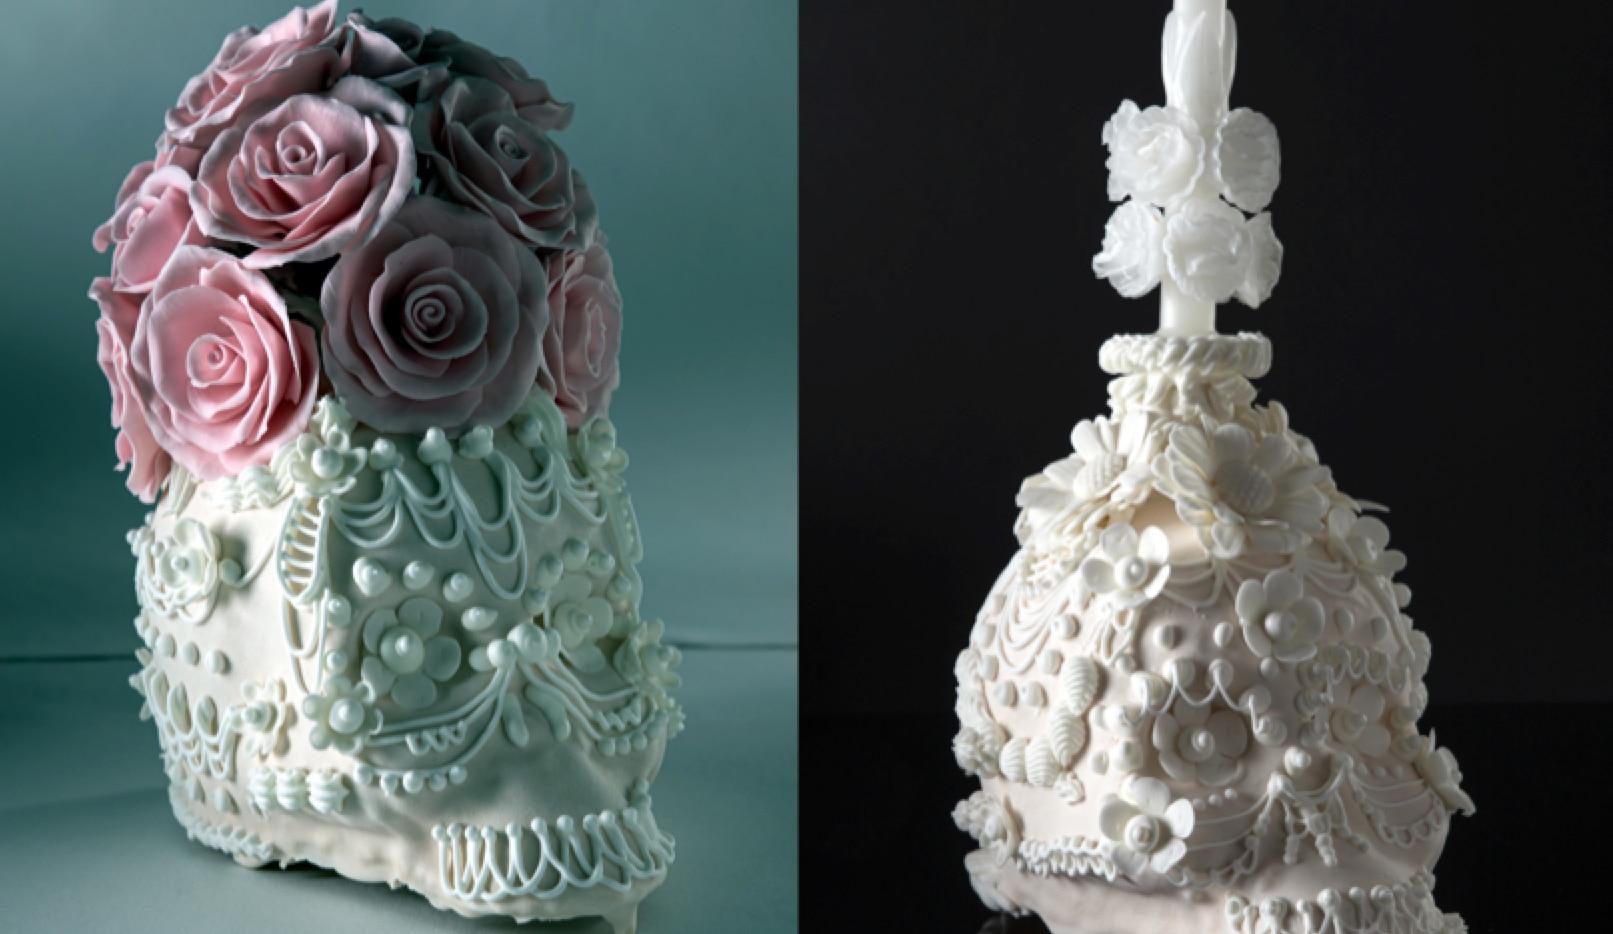 Los craneos, elaborados a partir de tres técnicas distintas, se deben conservar en bolsas contra la humedad en lugares frescos y secos para acompañar los altares y ofrendas del Día de Muertos.